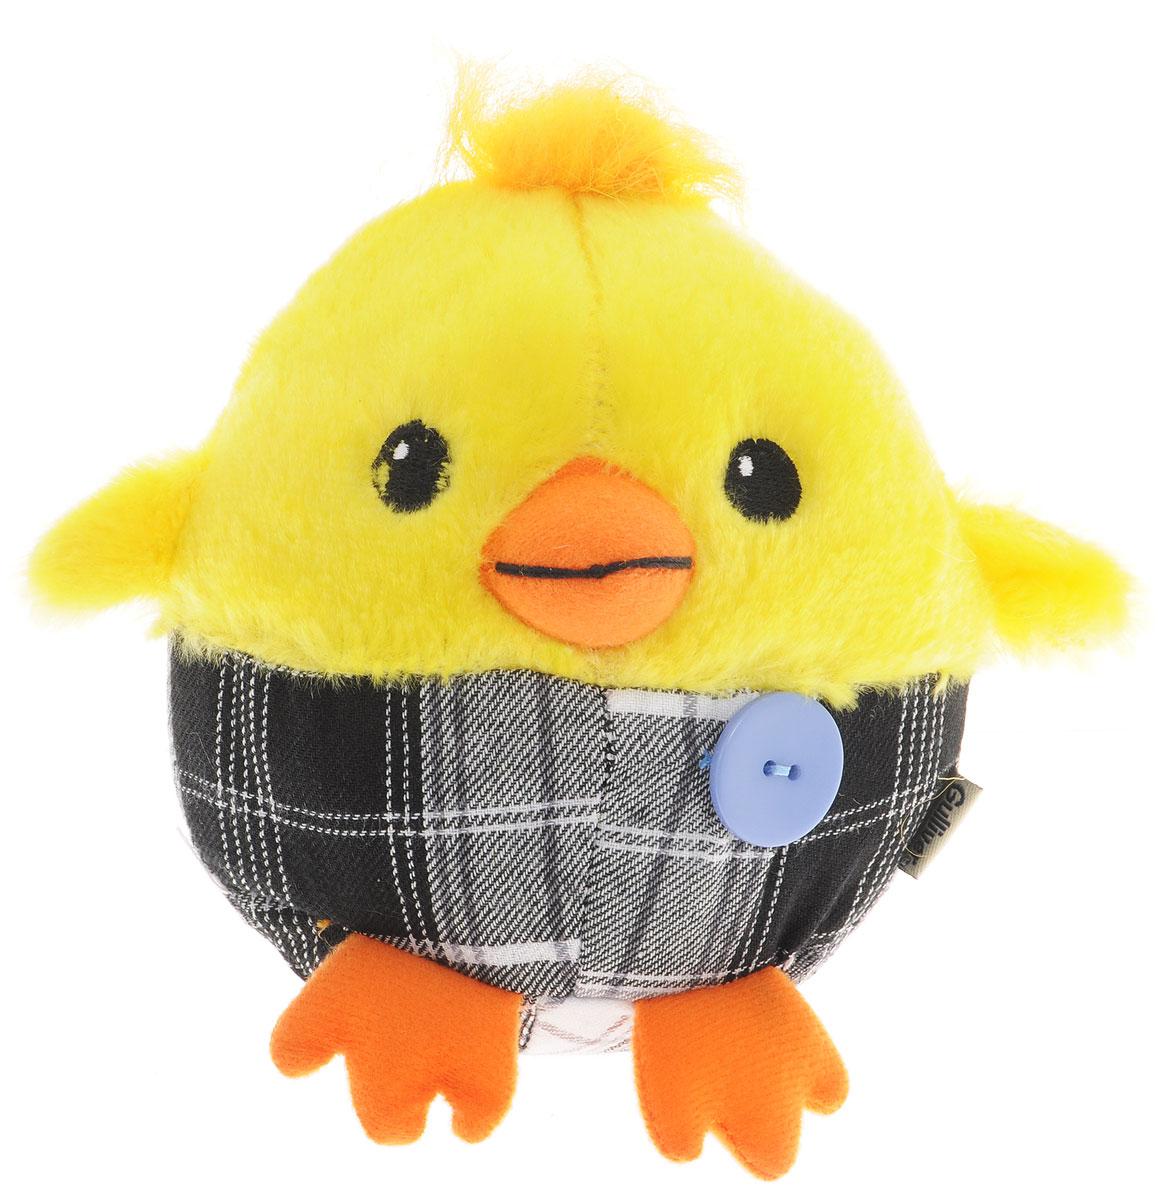 Gulliver Мягкая игрушка Цыпленок Солнышко в штанишках цвет желтый черный серый 12 см